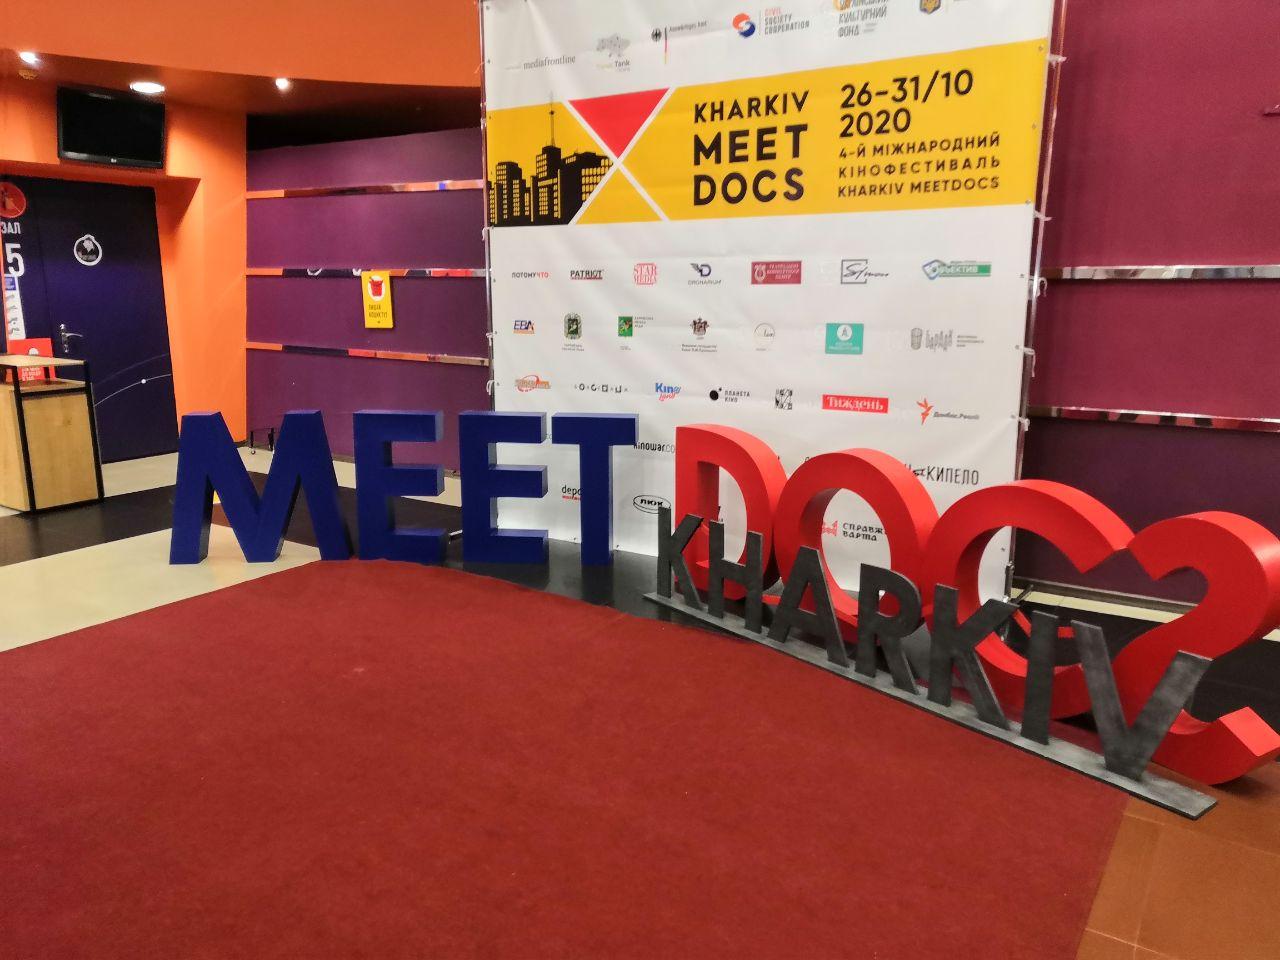 Кінофестиваль Kharkiv MeetDocs завершився майстер-класом відомого режисера (відео)